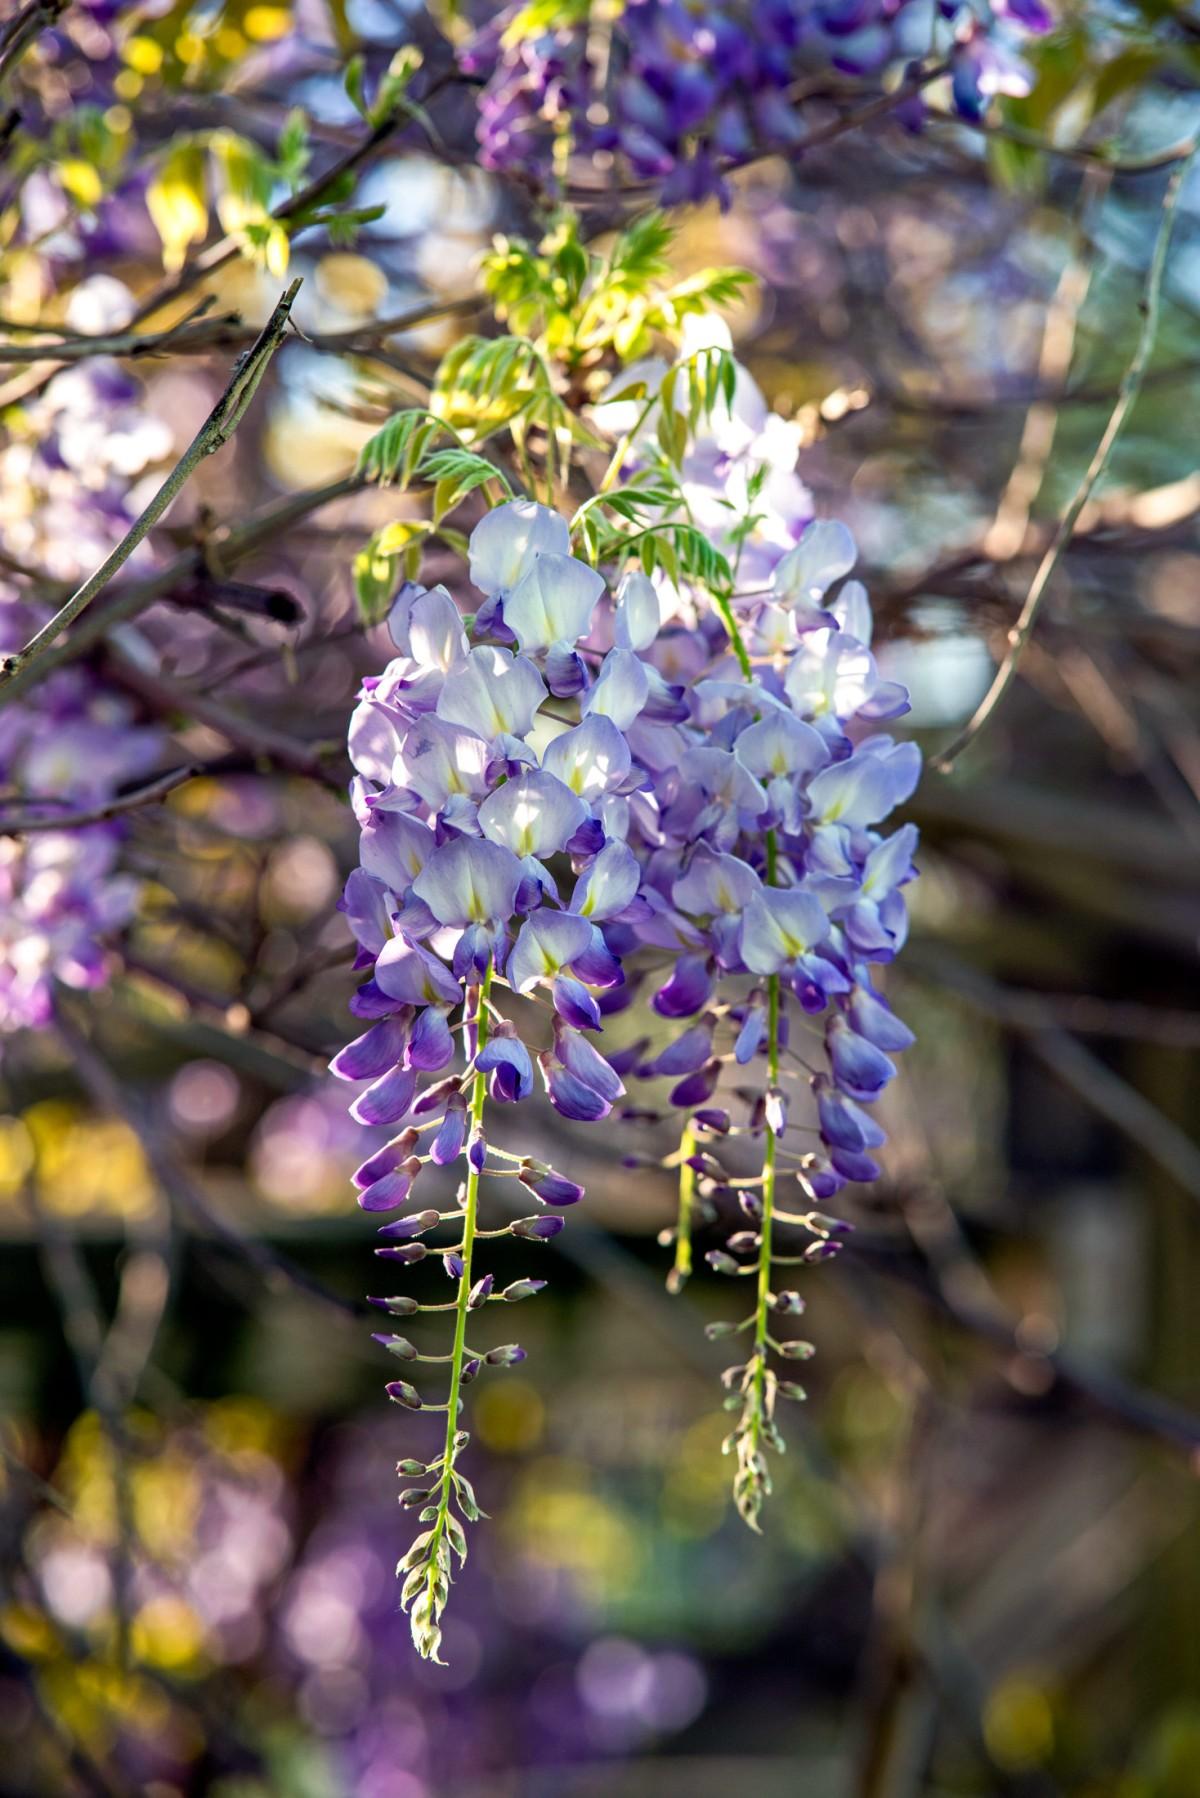 rd_flower_8105538